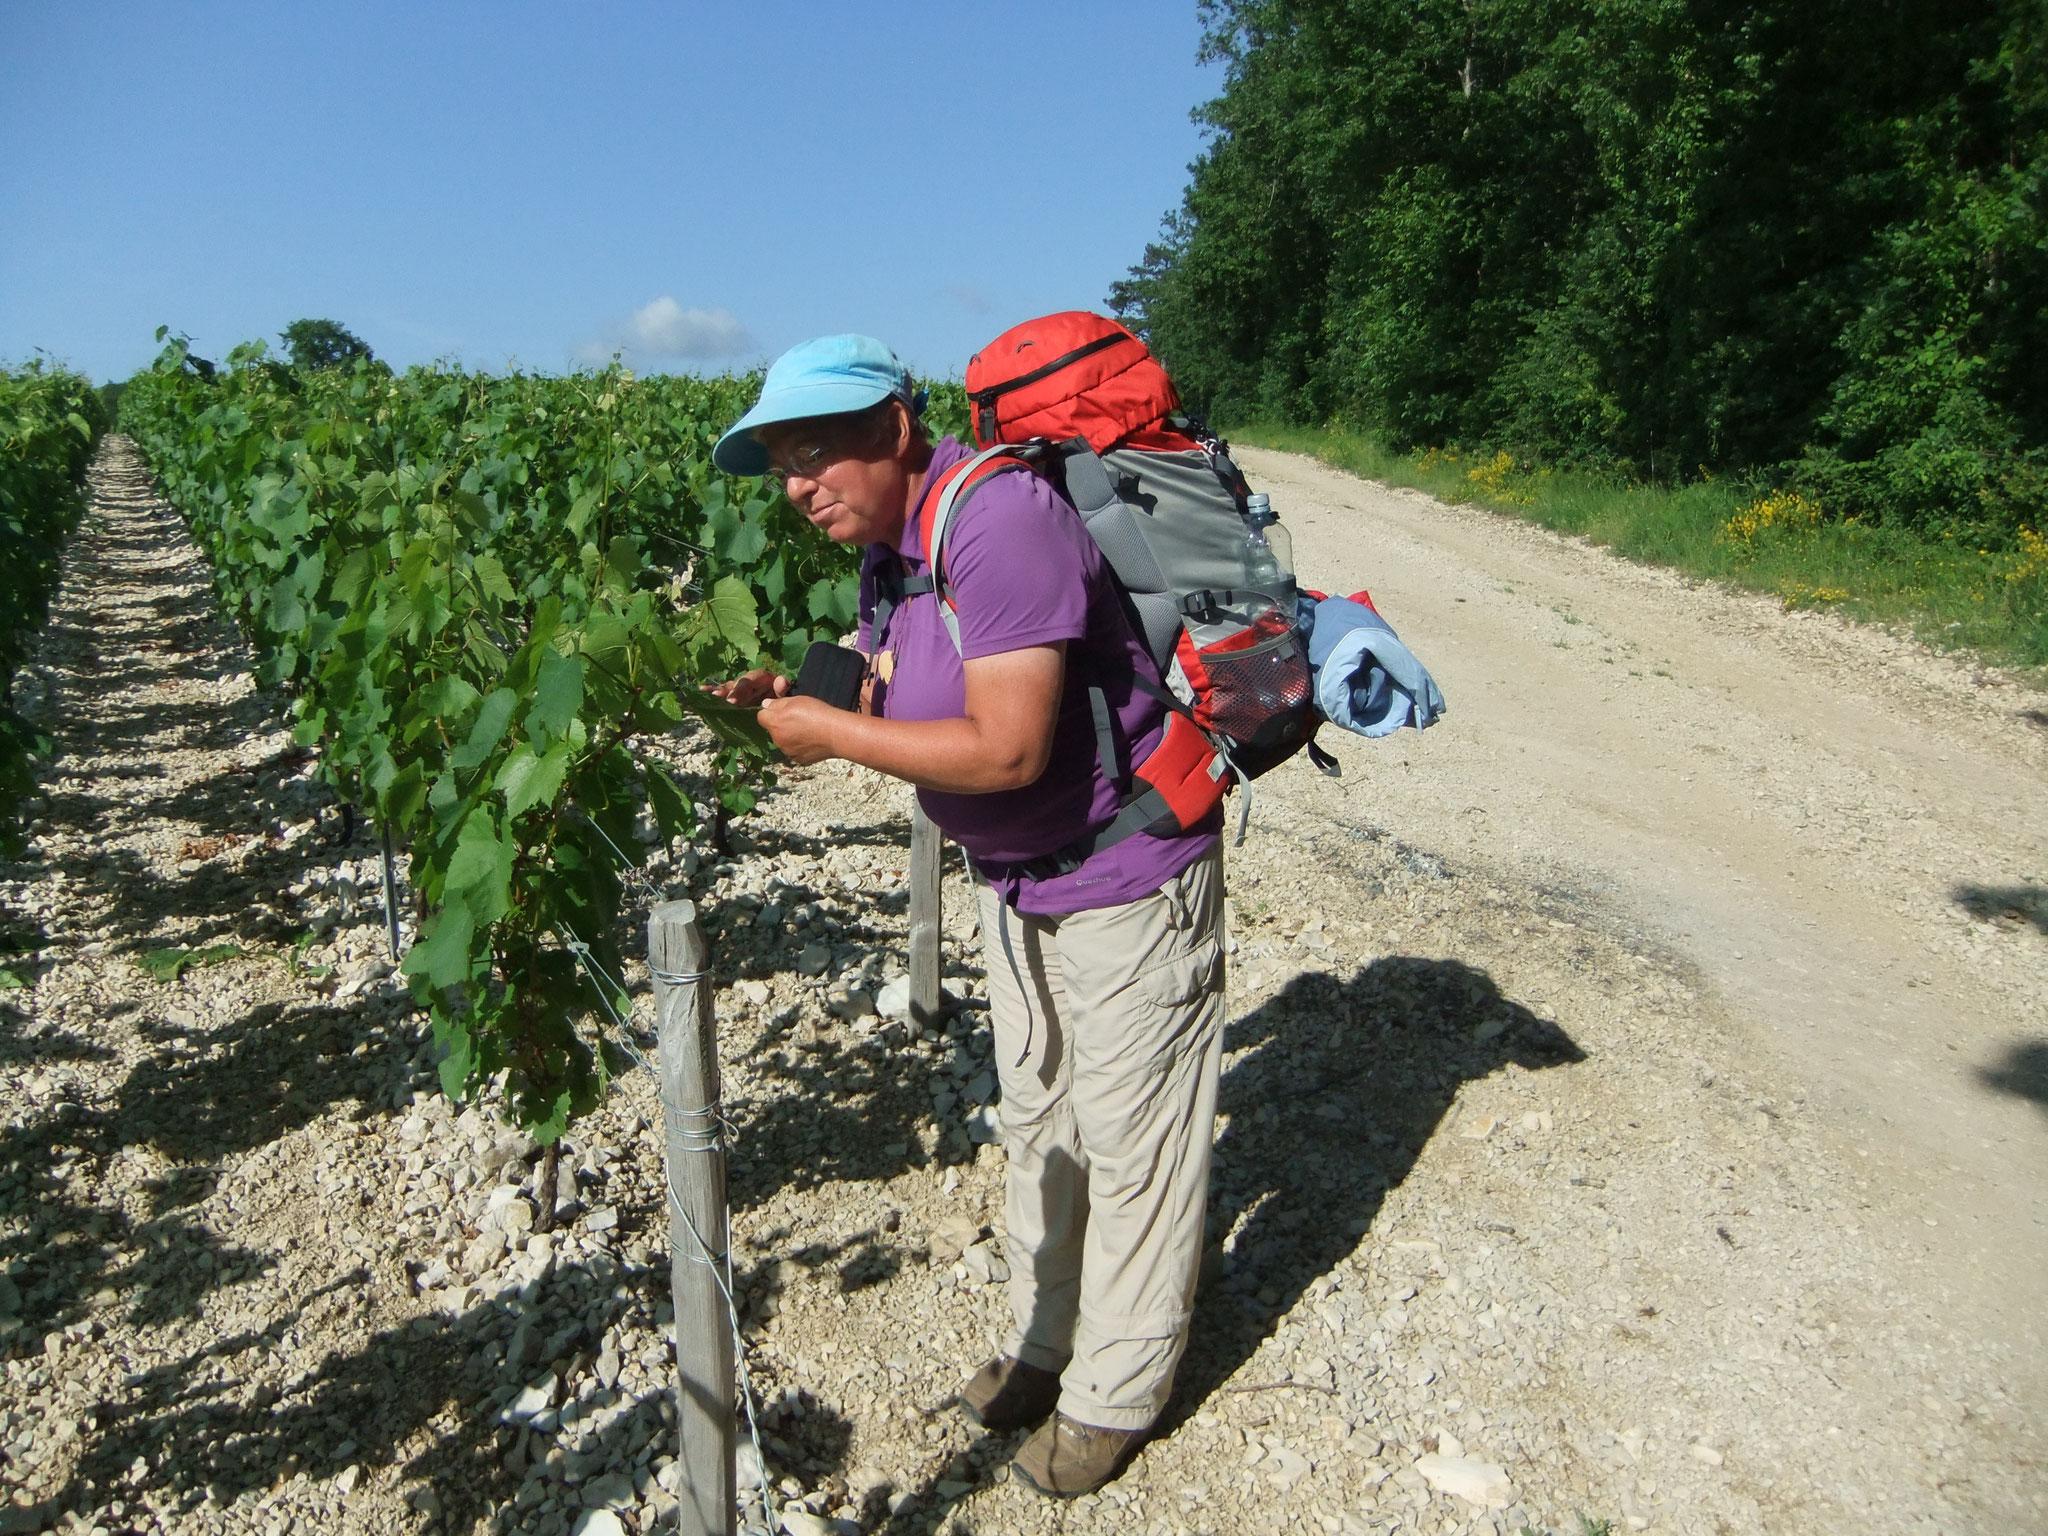 Reingard prüft die Qualität der Trauben bei Chablis